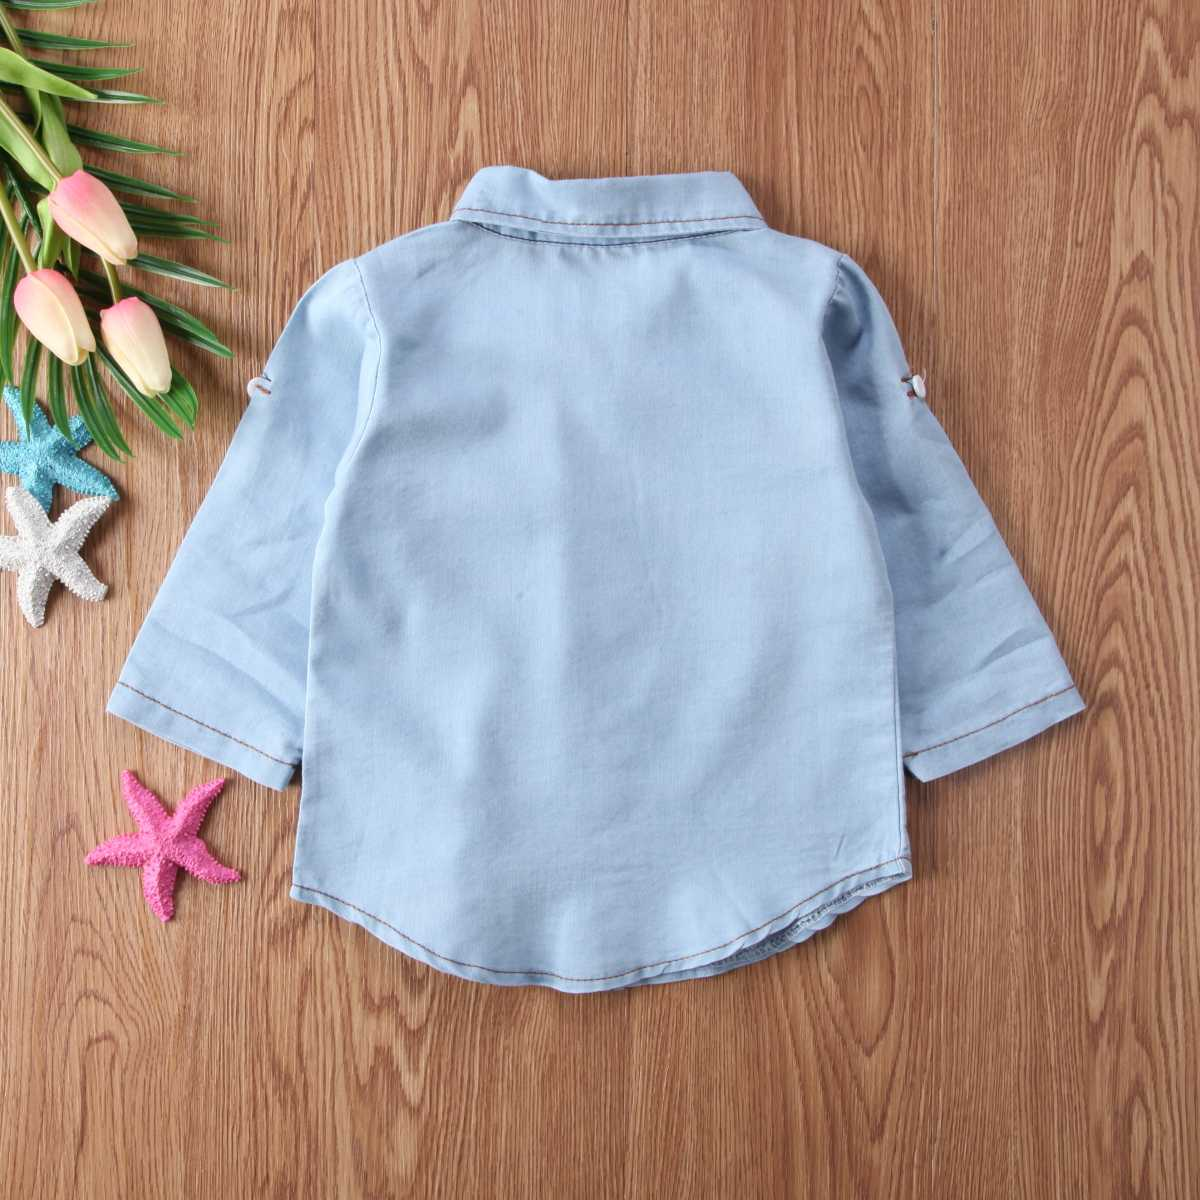 赤ちゃん女の子男の子キッズ紳士新生児デニムロングスリーブポケットボタンターンダウン襟服